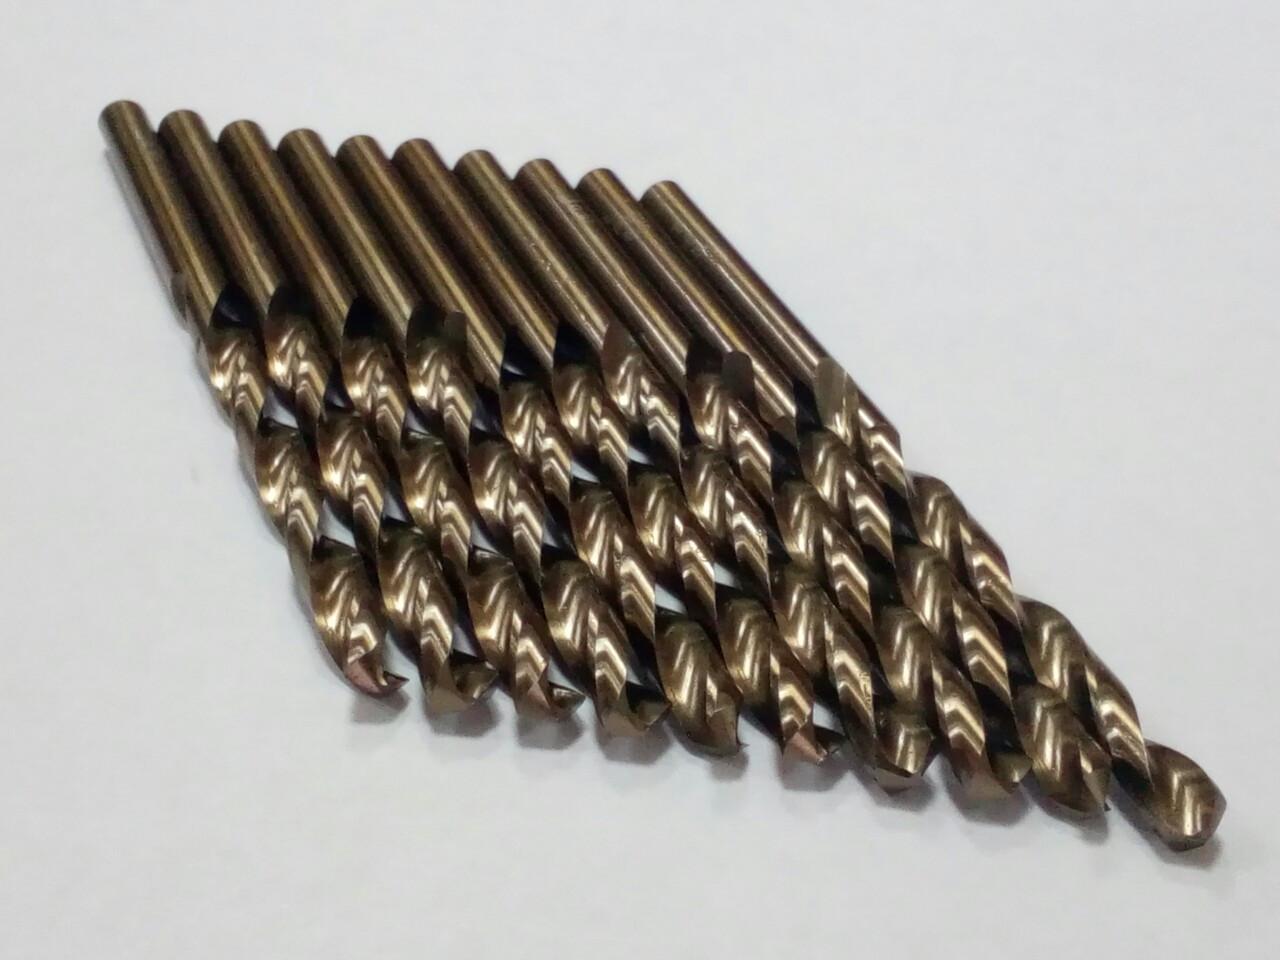 Сверло Р18 по НЕРЖАВЕЙКЕ 2,4мм (кобальт) // ГОСТ-10902 (DIN338 G-Co)